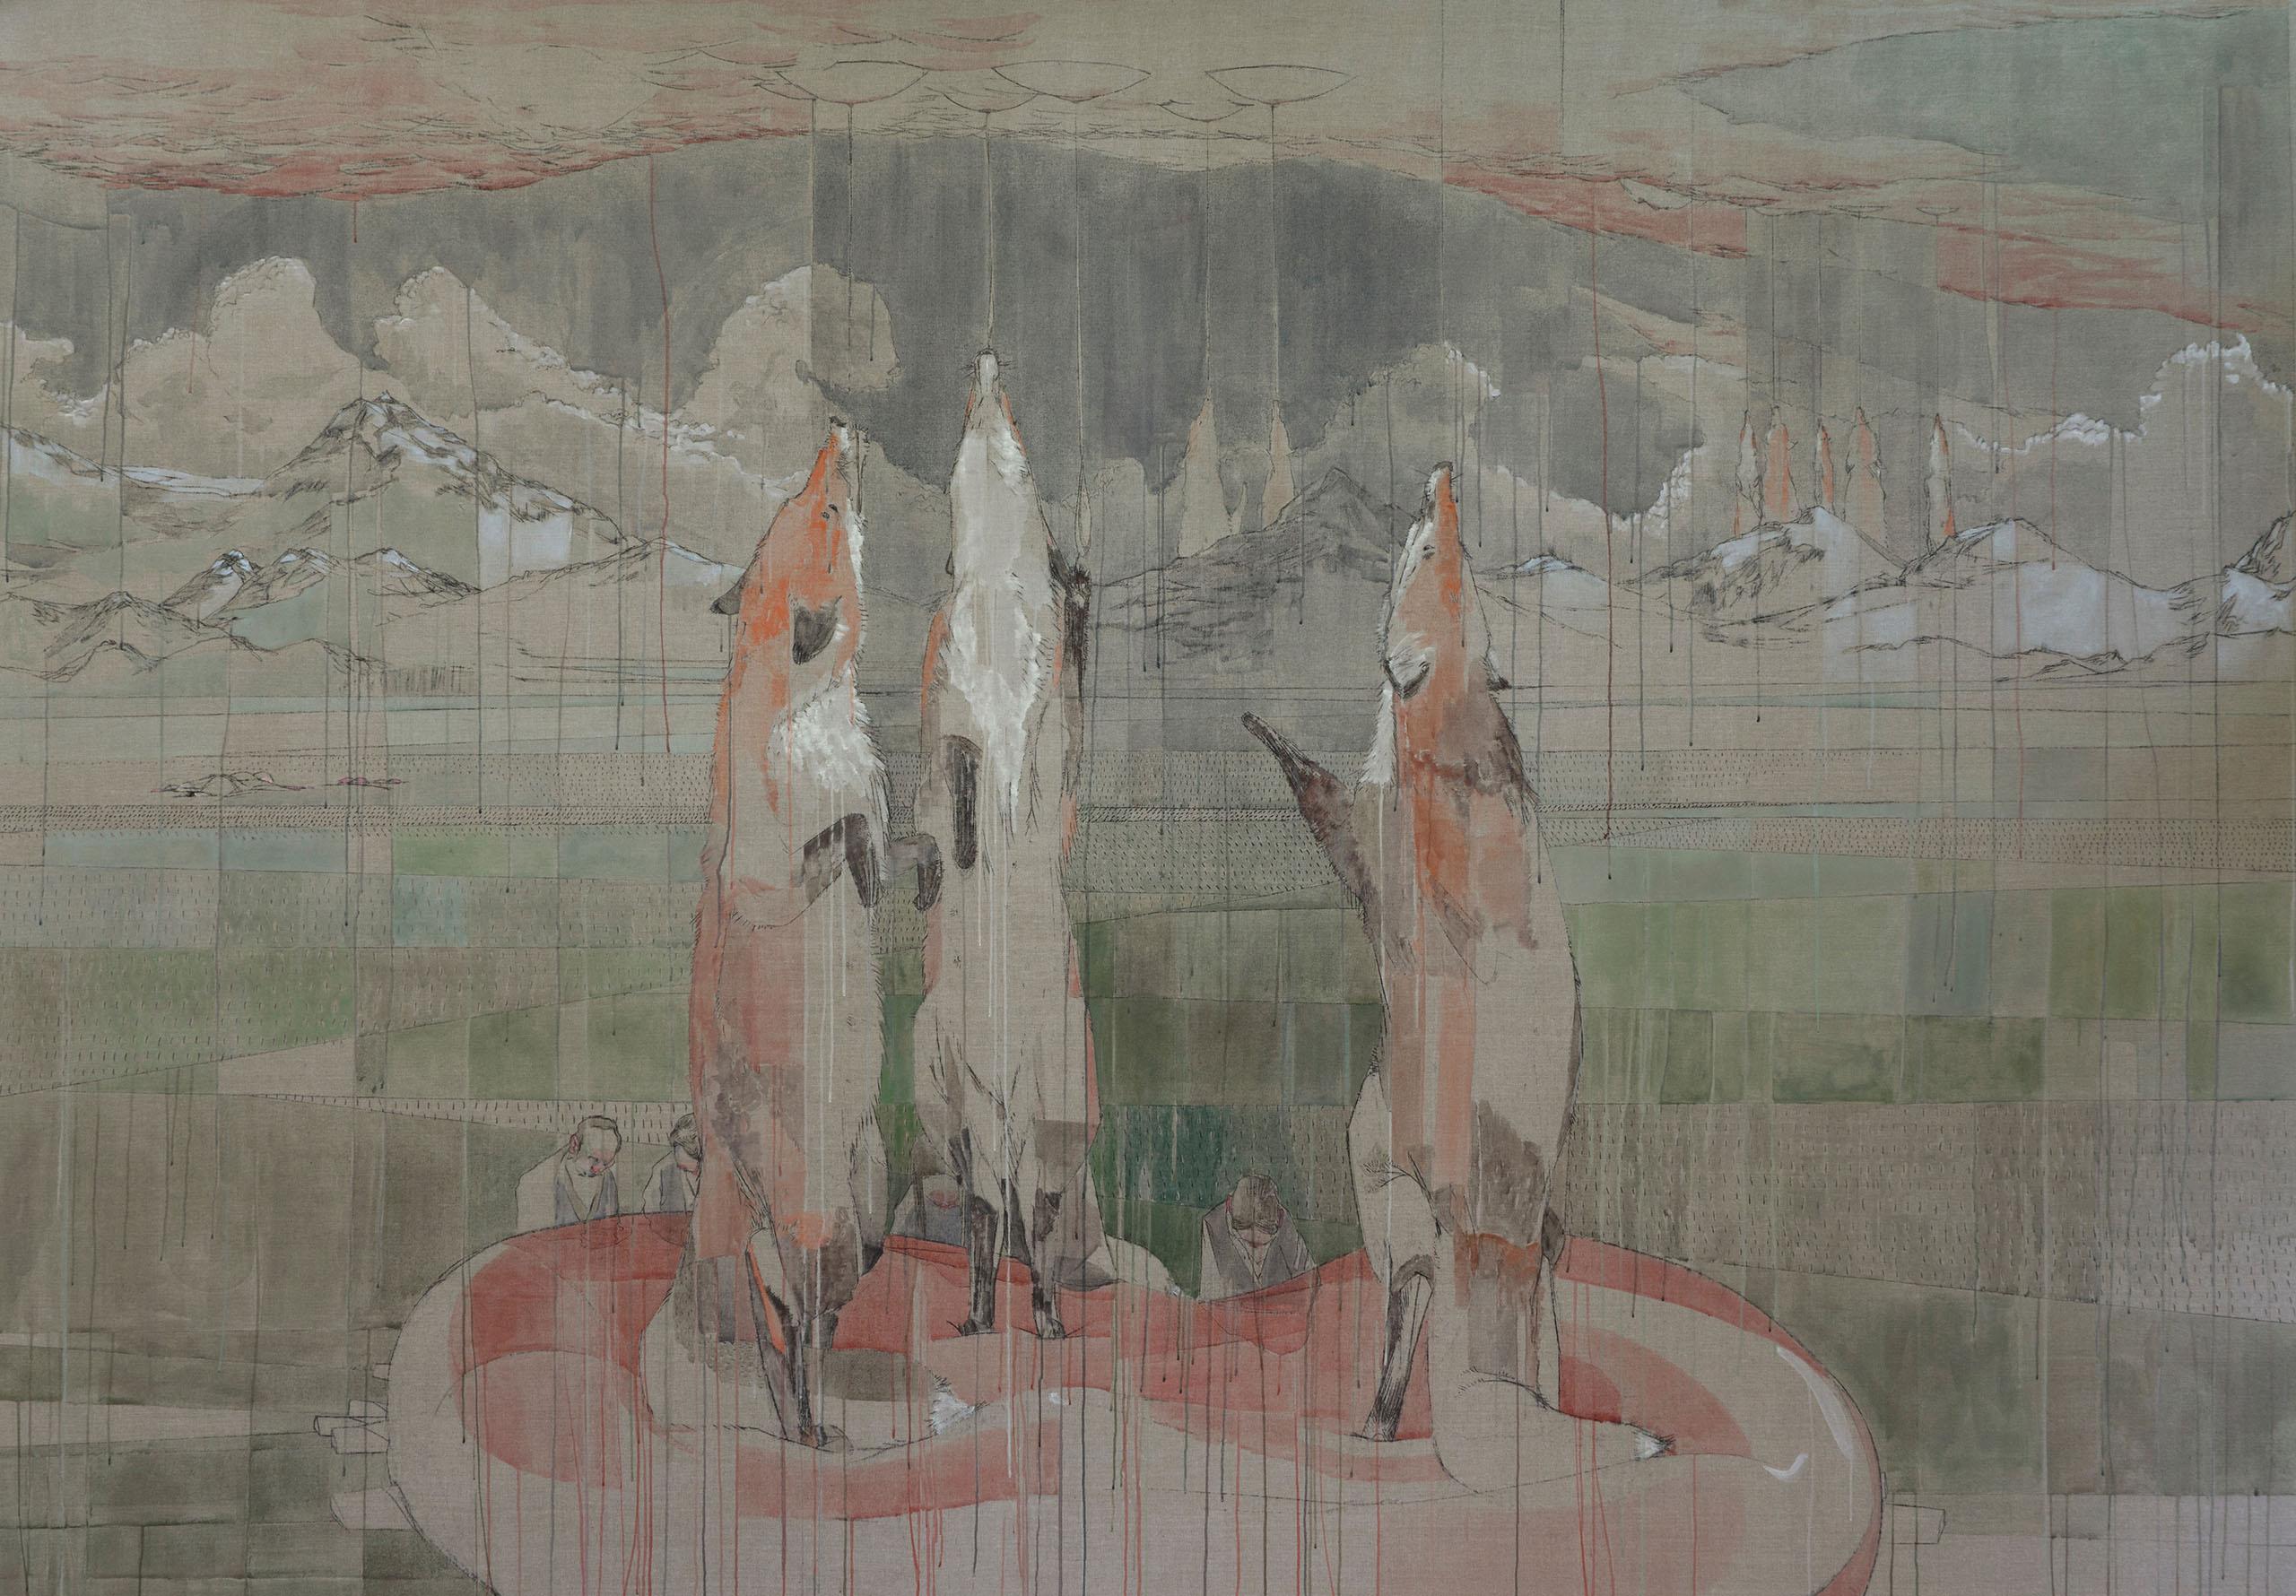 Maria Legat | Ende Gut | 2019 | Ausschnitt | 320 x 380 cm | Galerie3